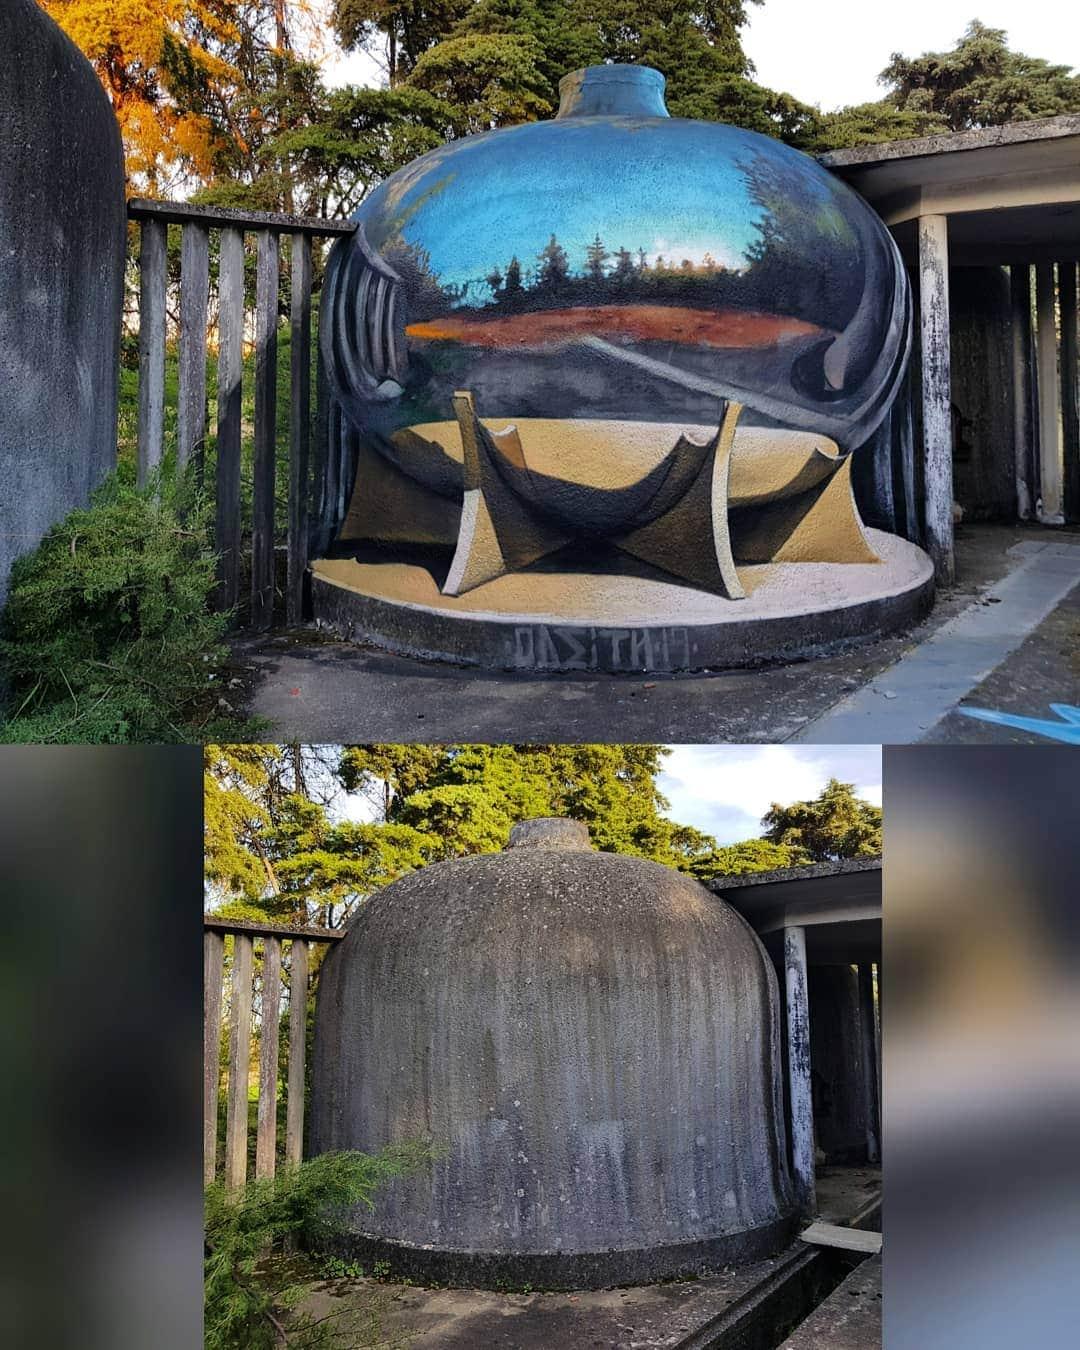 1565697714 1c15c4313c2710ee67286ab50cfb611d - 20 работ художника, который превращает невзрачные стены в невероятно реалистичные 3D-граффити